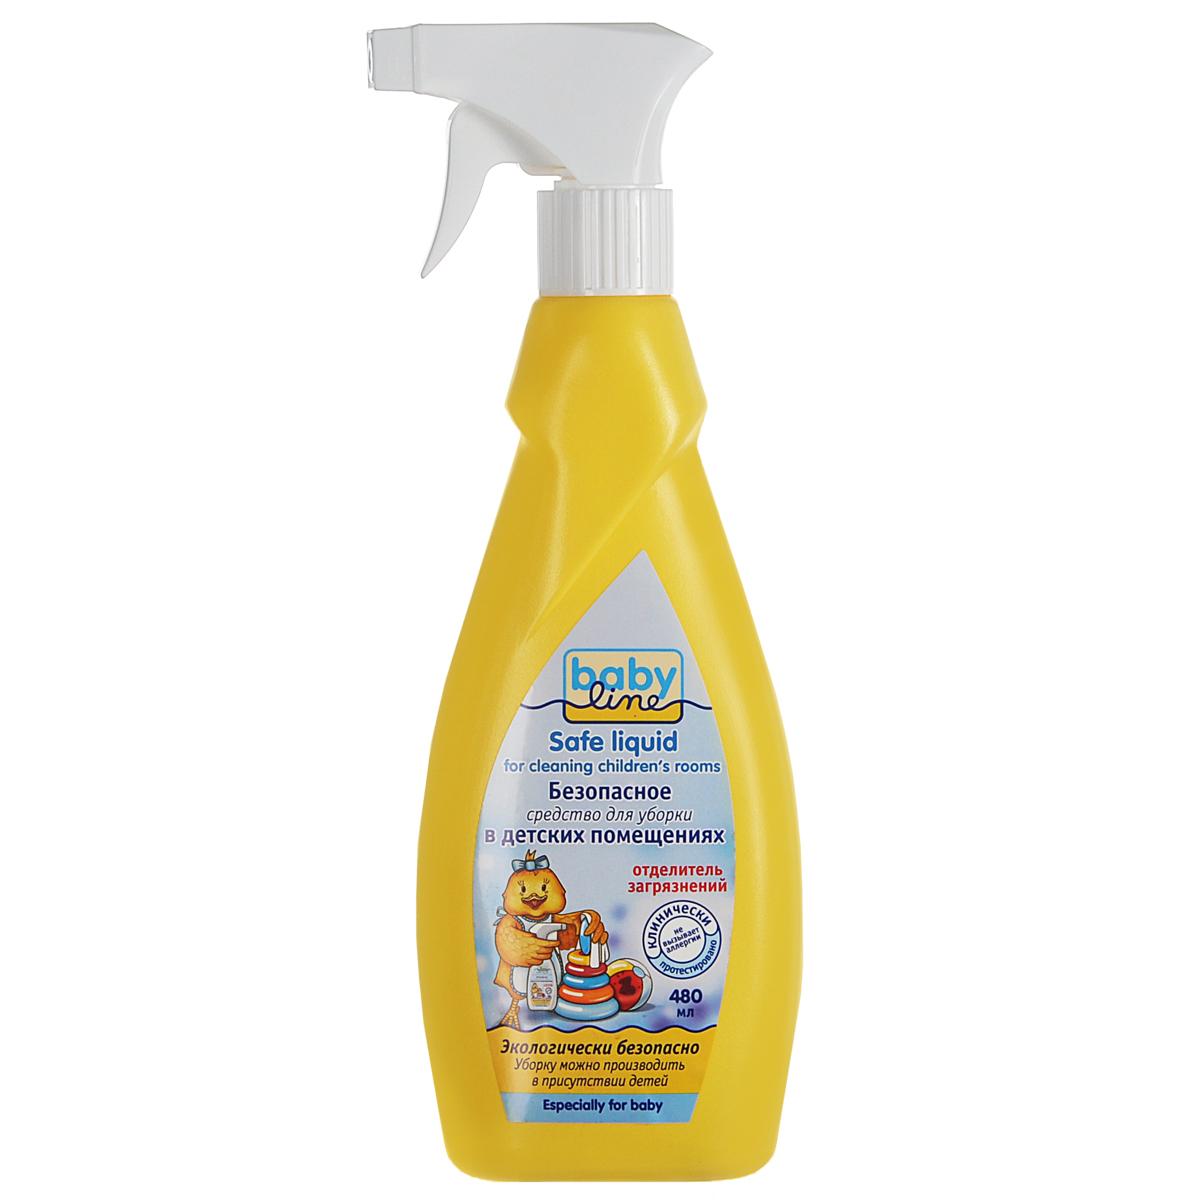 BabyLine Безопасное средство для уборки детских помещений, 480 мл18273255Эффективное чистяще-моющее средство BabyLine предназначено для уборки в помещениях, где находятся дети и, особенно, аллергики. Эффективно удаляет органические загрязнения от молока, фруктовых и овощных пюре, соков, а также мочи, кала, следы от фломастера, карандаша, наклеек, скотча и другую грязь. Подходит для чистки предметов из любых материалов: дерева, кожи, кожзаменителя, тканей, пластика, линолеума и пр. Не имеет цвета и запаха. Не раздражает кожные покровы и дыхательные пути. Не содержит спирта, хлора, диоксидов. Продукт биоразлагаем, не наносит вреда окружающей среде.